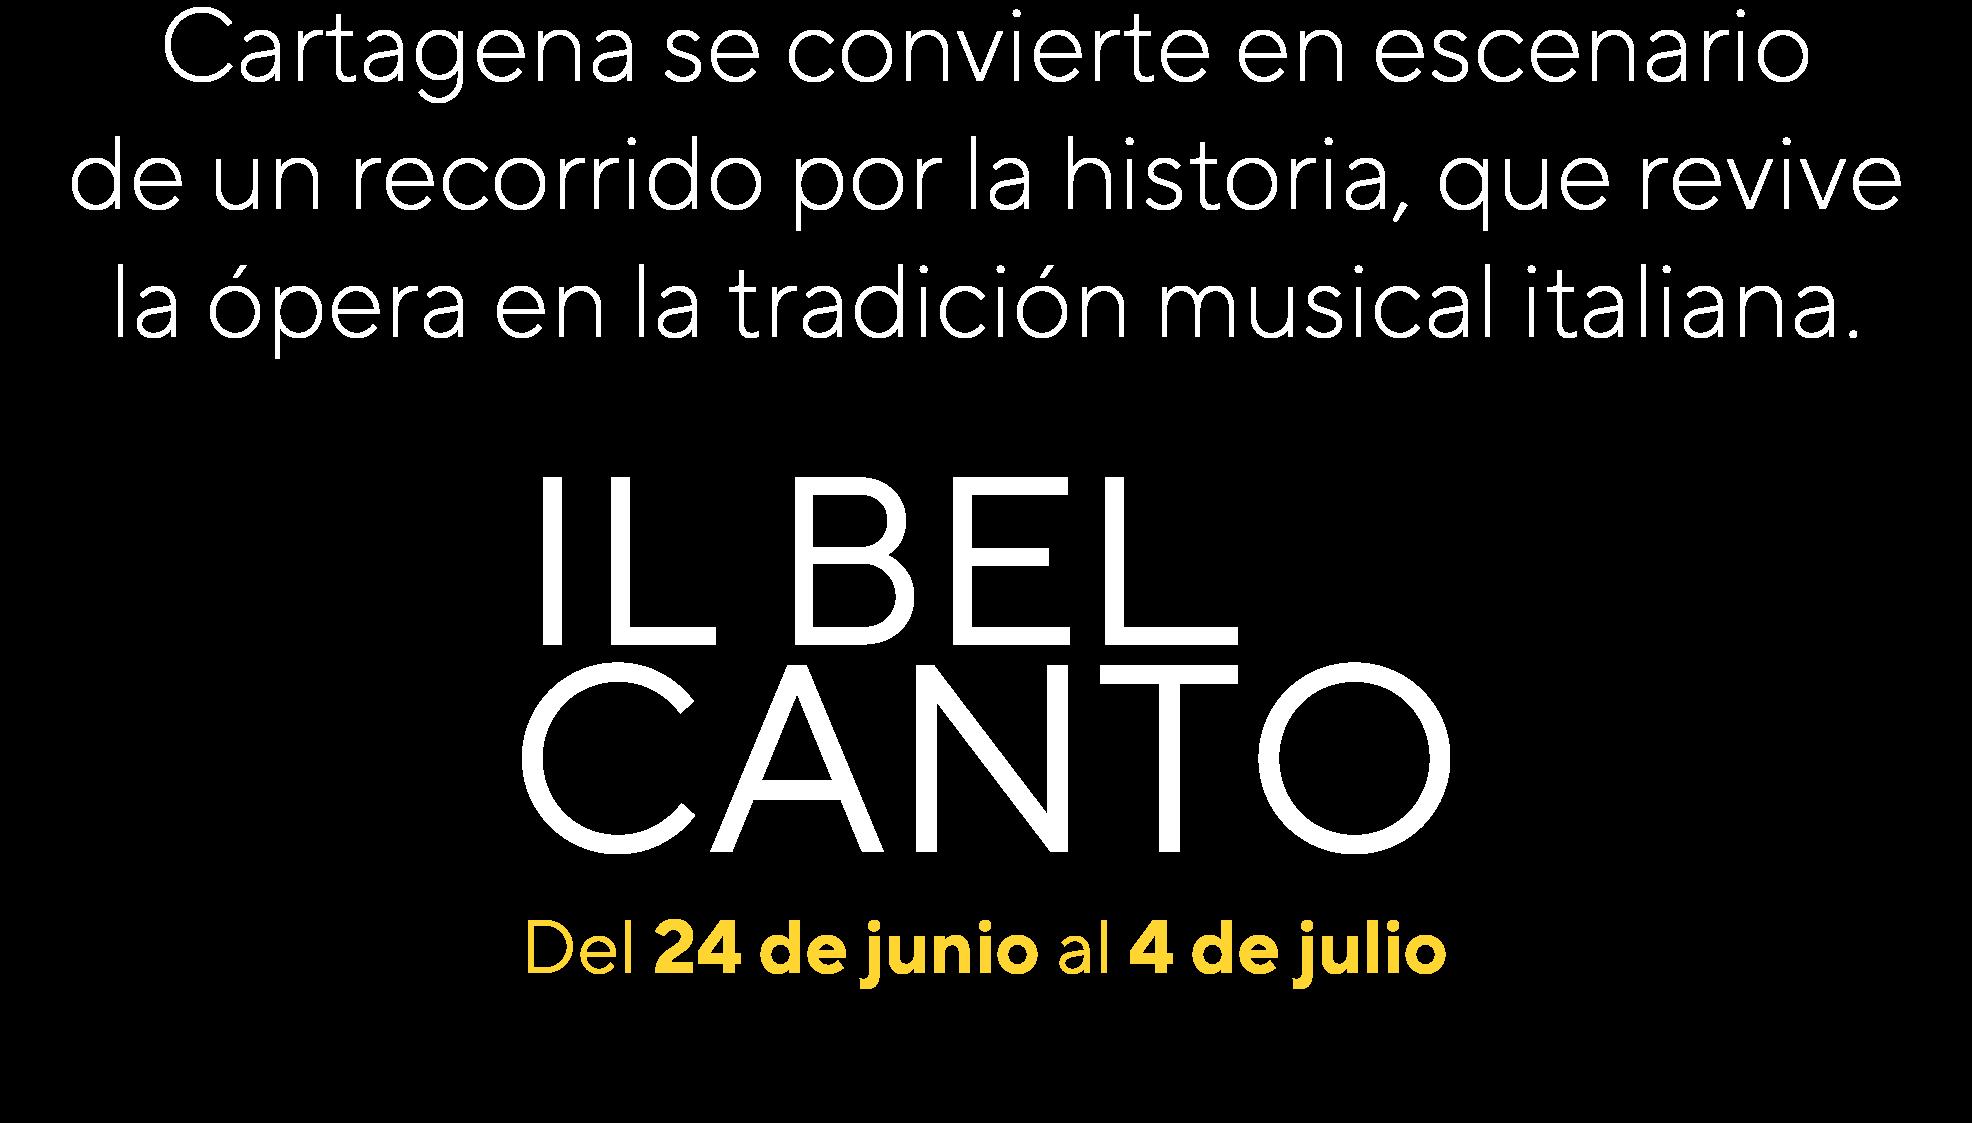 Cartagena se convierte en escenario de un recorrido por la historia, que revive la ópera en la tradición musical italiana. Il Bel Canto. 24 de junio al 4 de julio de 2021.